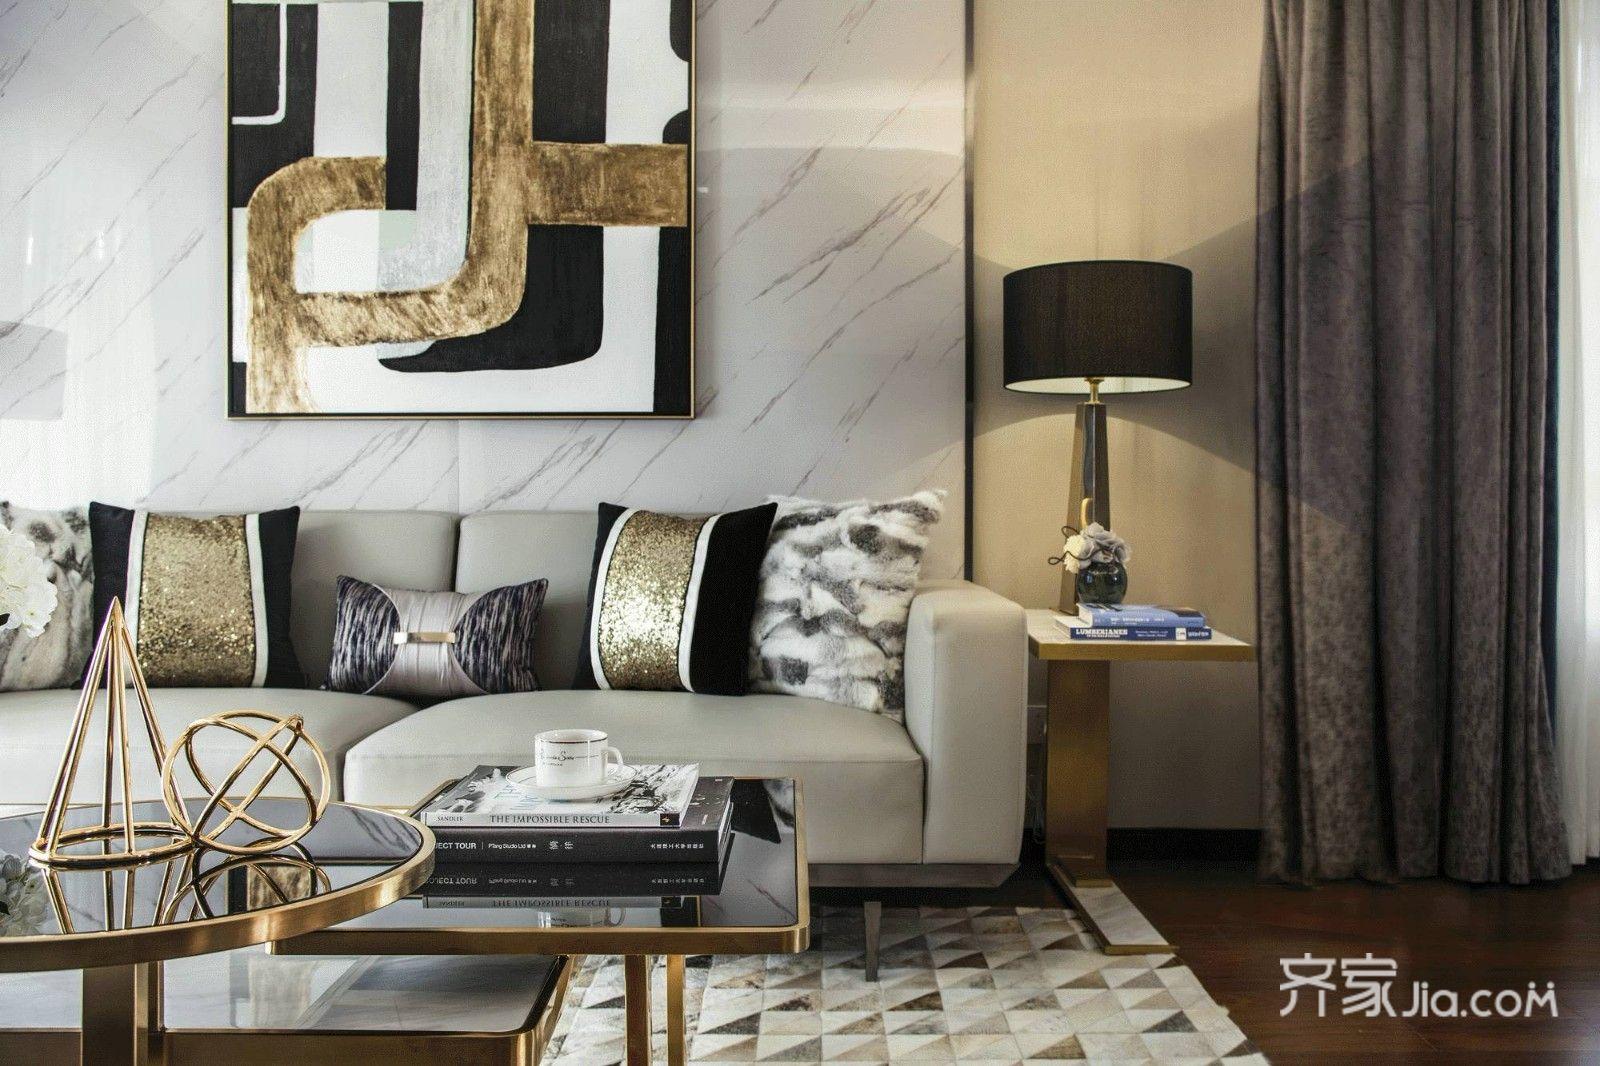 海伦国际四房美式轻奢装图片